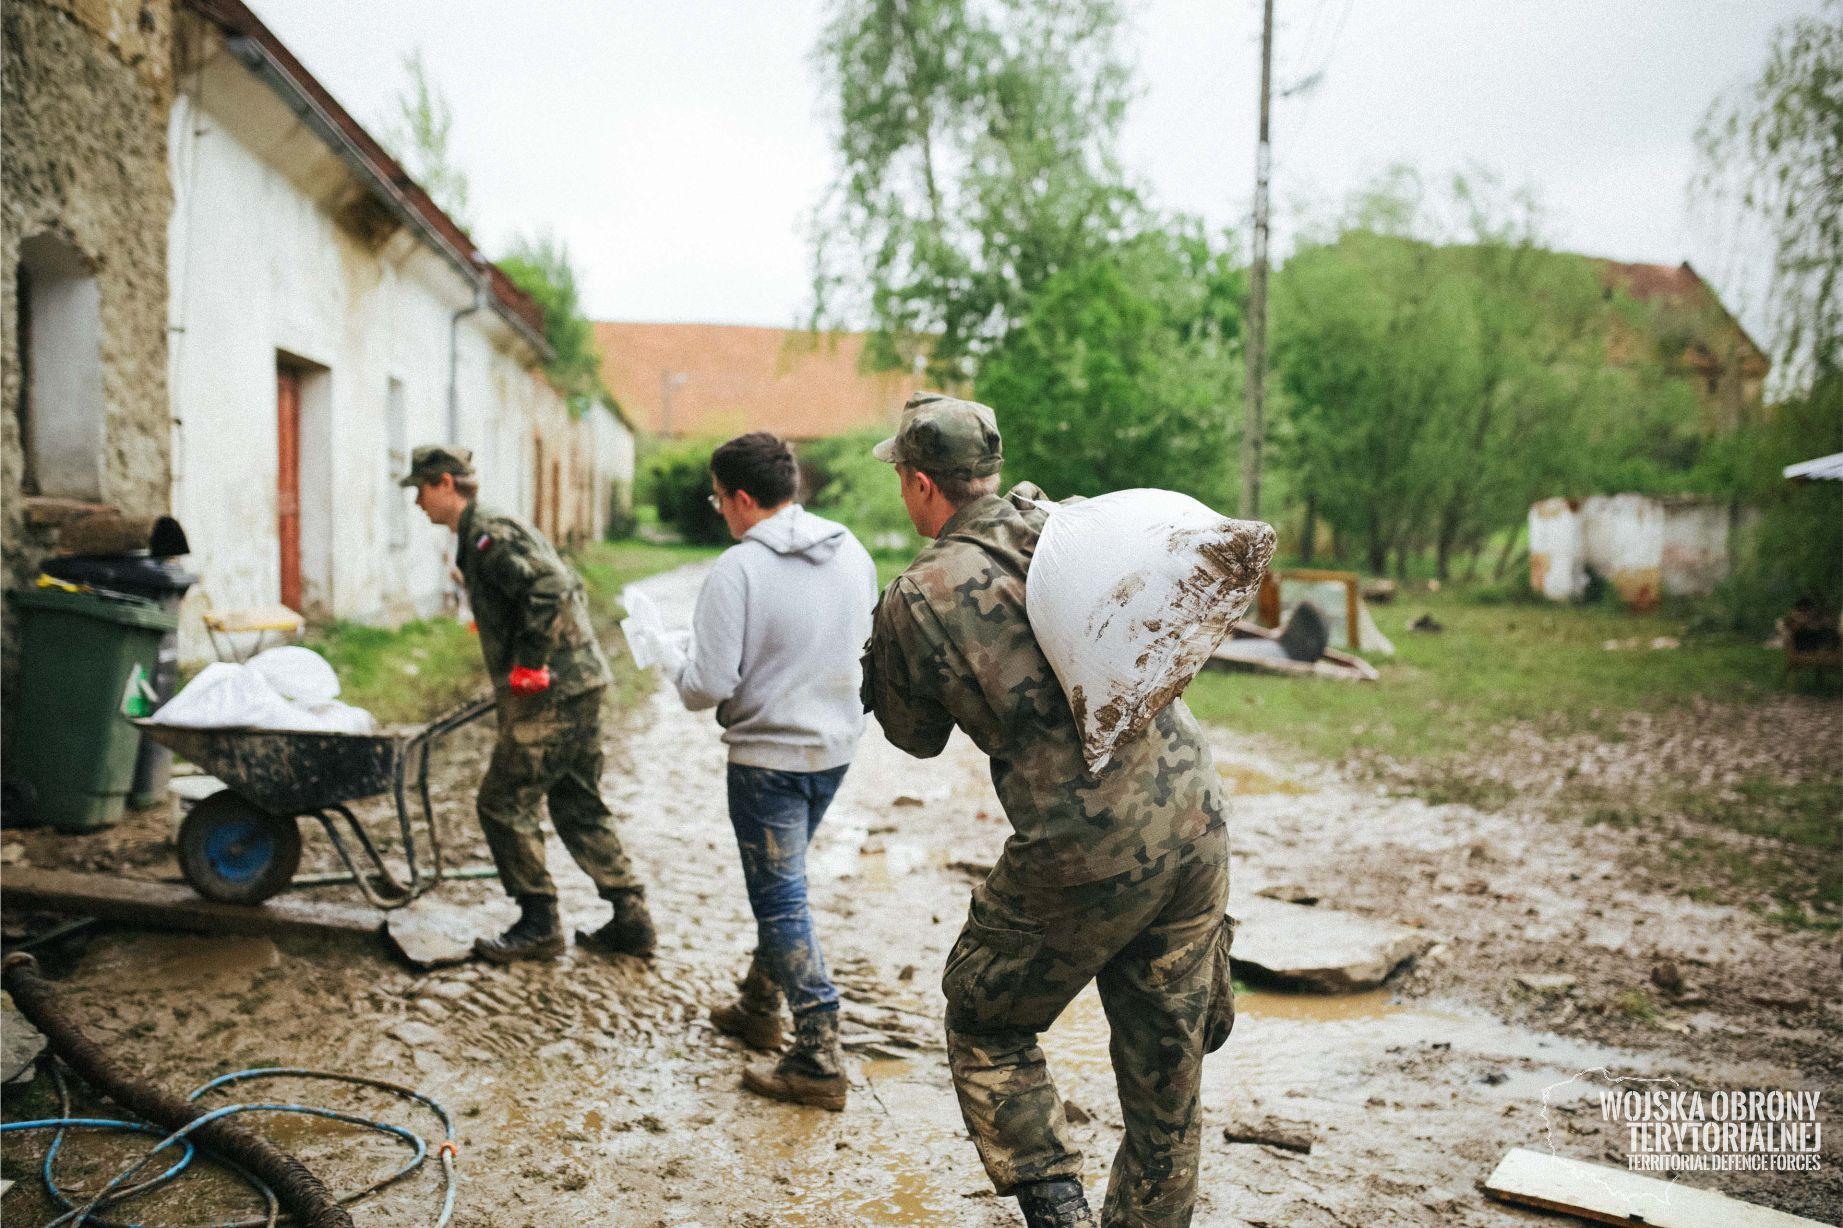 Ciepłowody: Żołnierze pomagają w usuwaniu skutków nawałnicy  - Zdjęcie główne